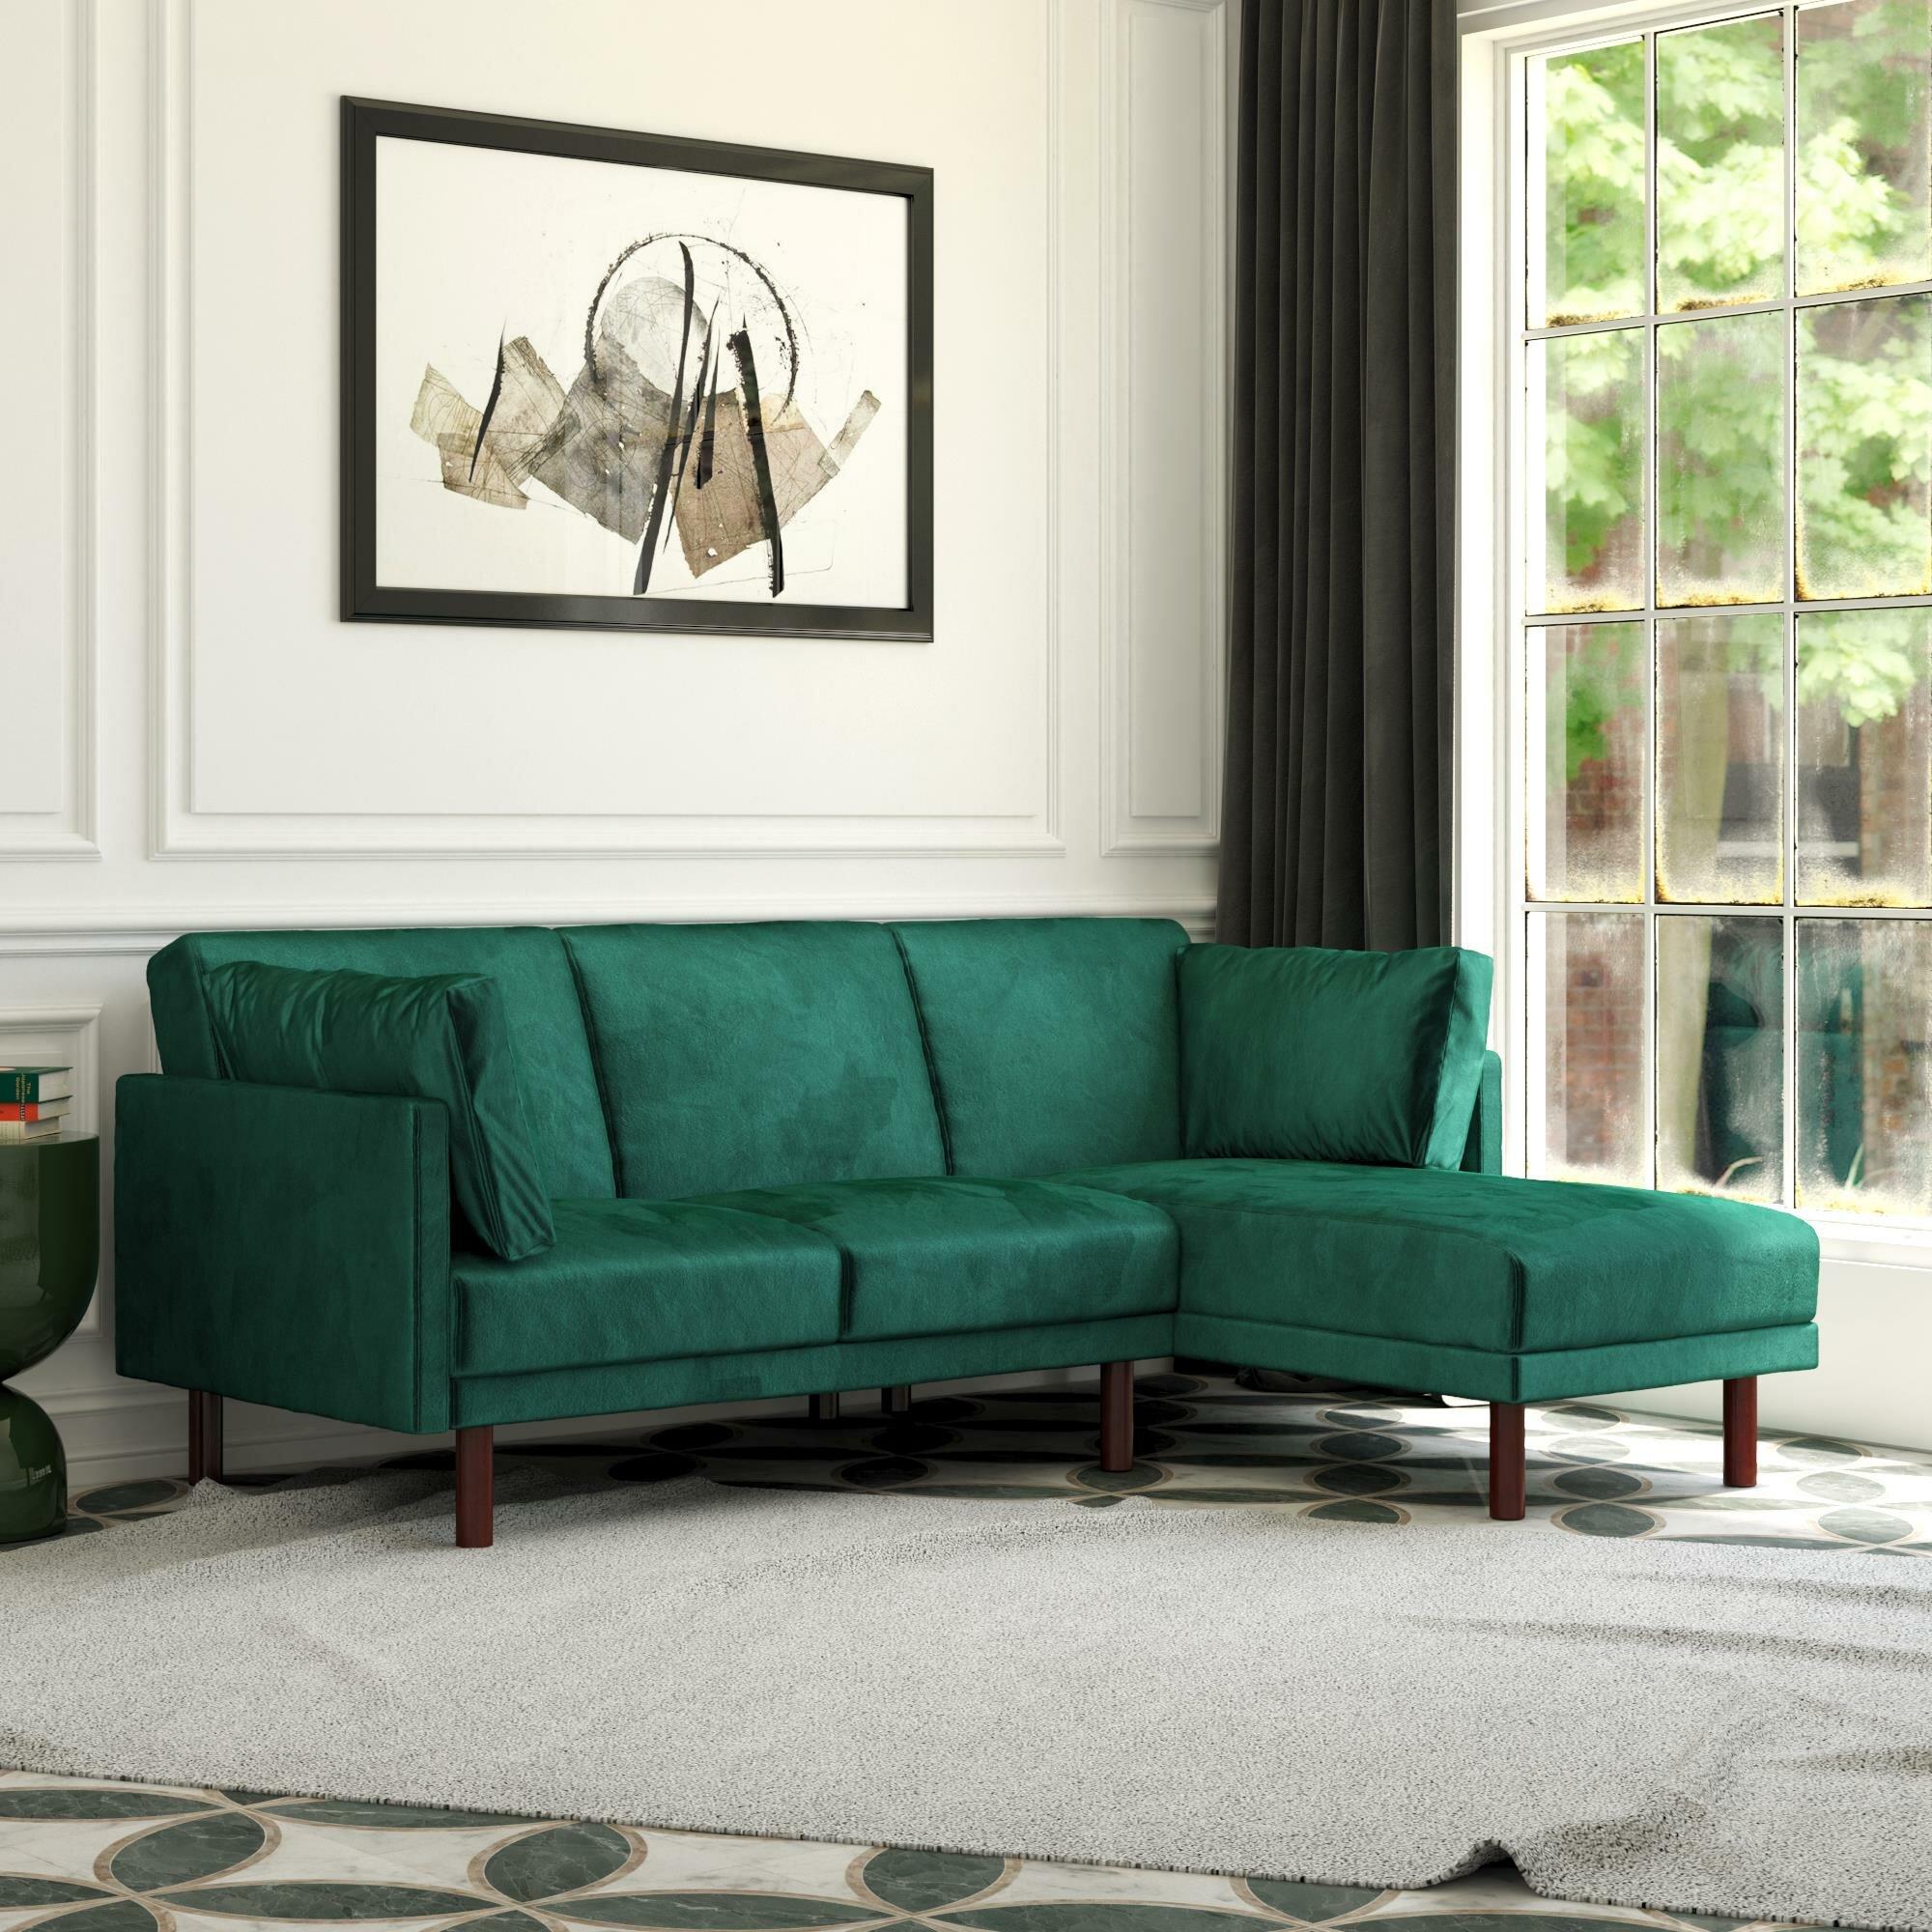 Mercer41 Paulsen 80 5 Wide Velvet Reversible Sleeper Sofa Chaise Reviews Wayfair